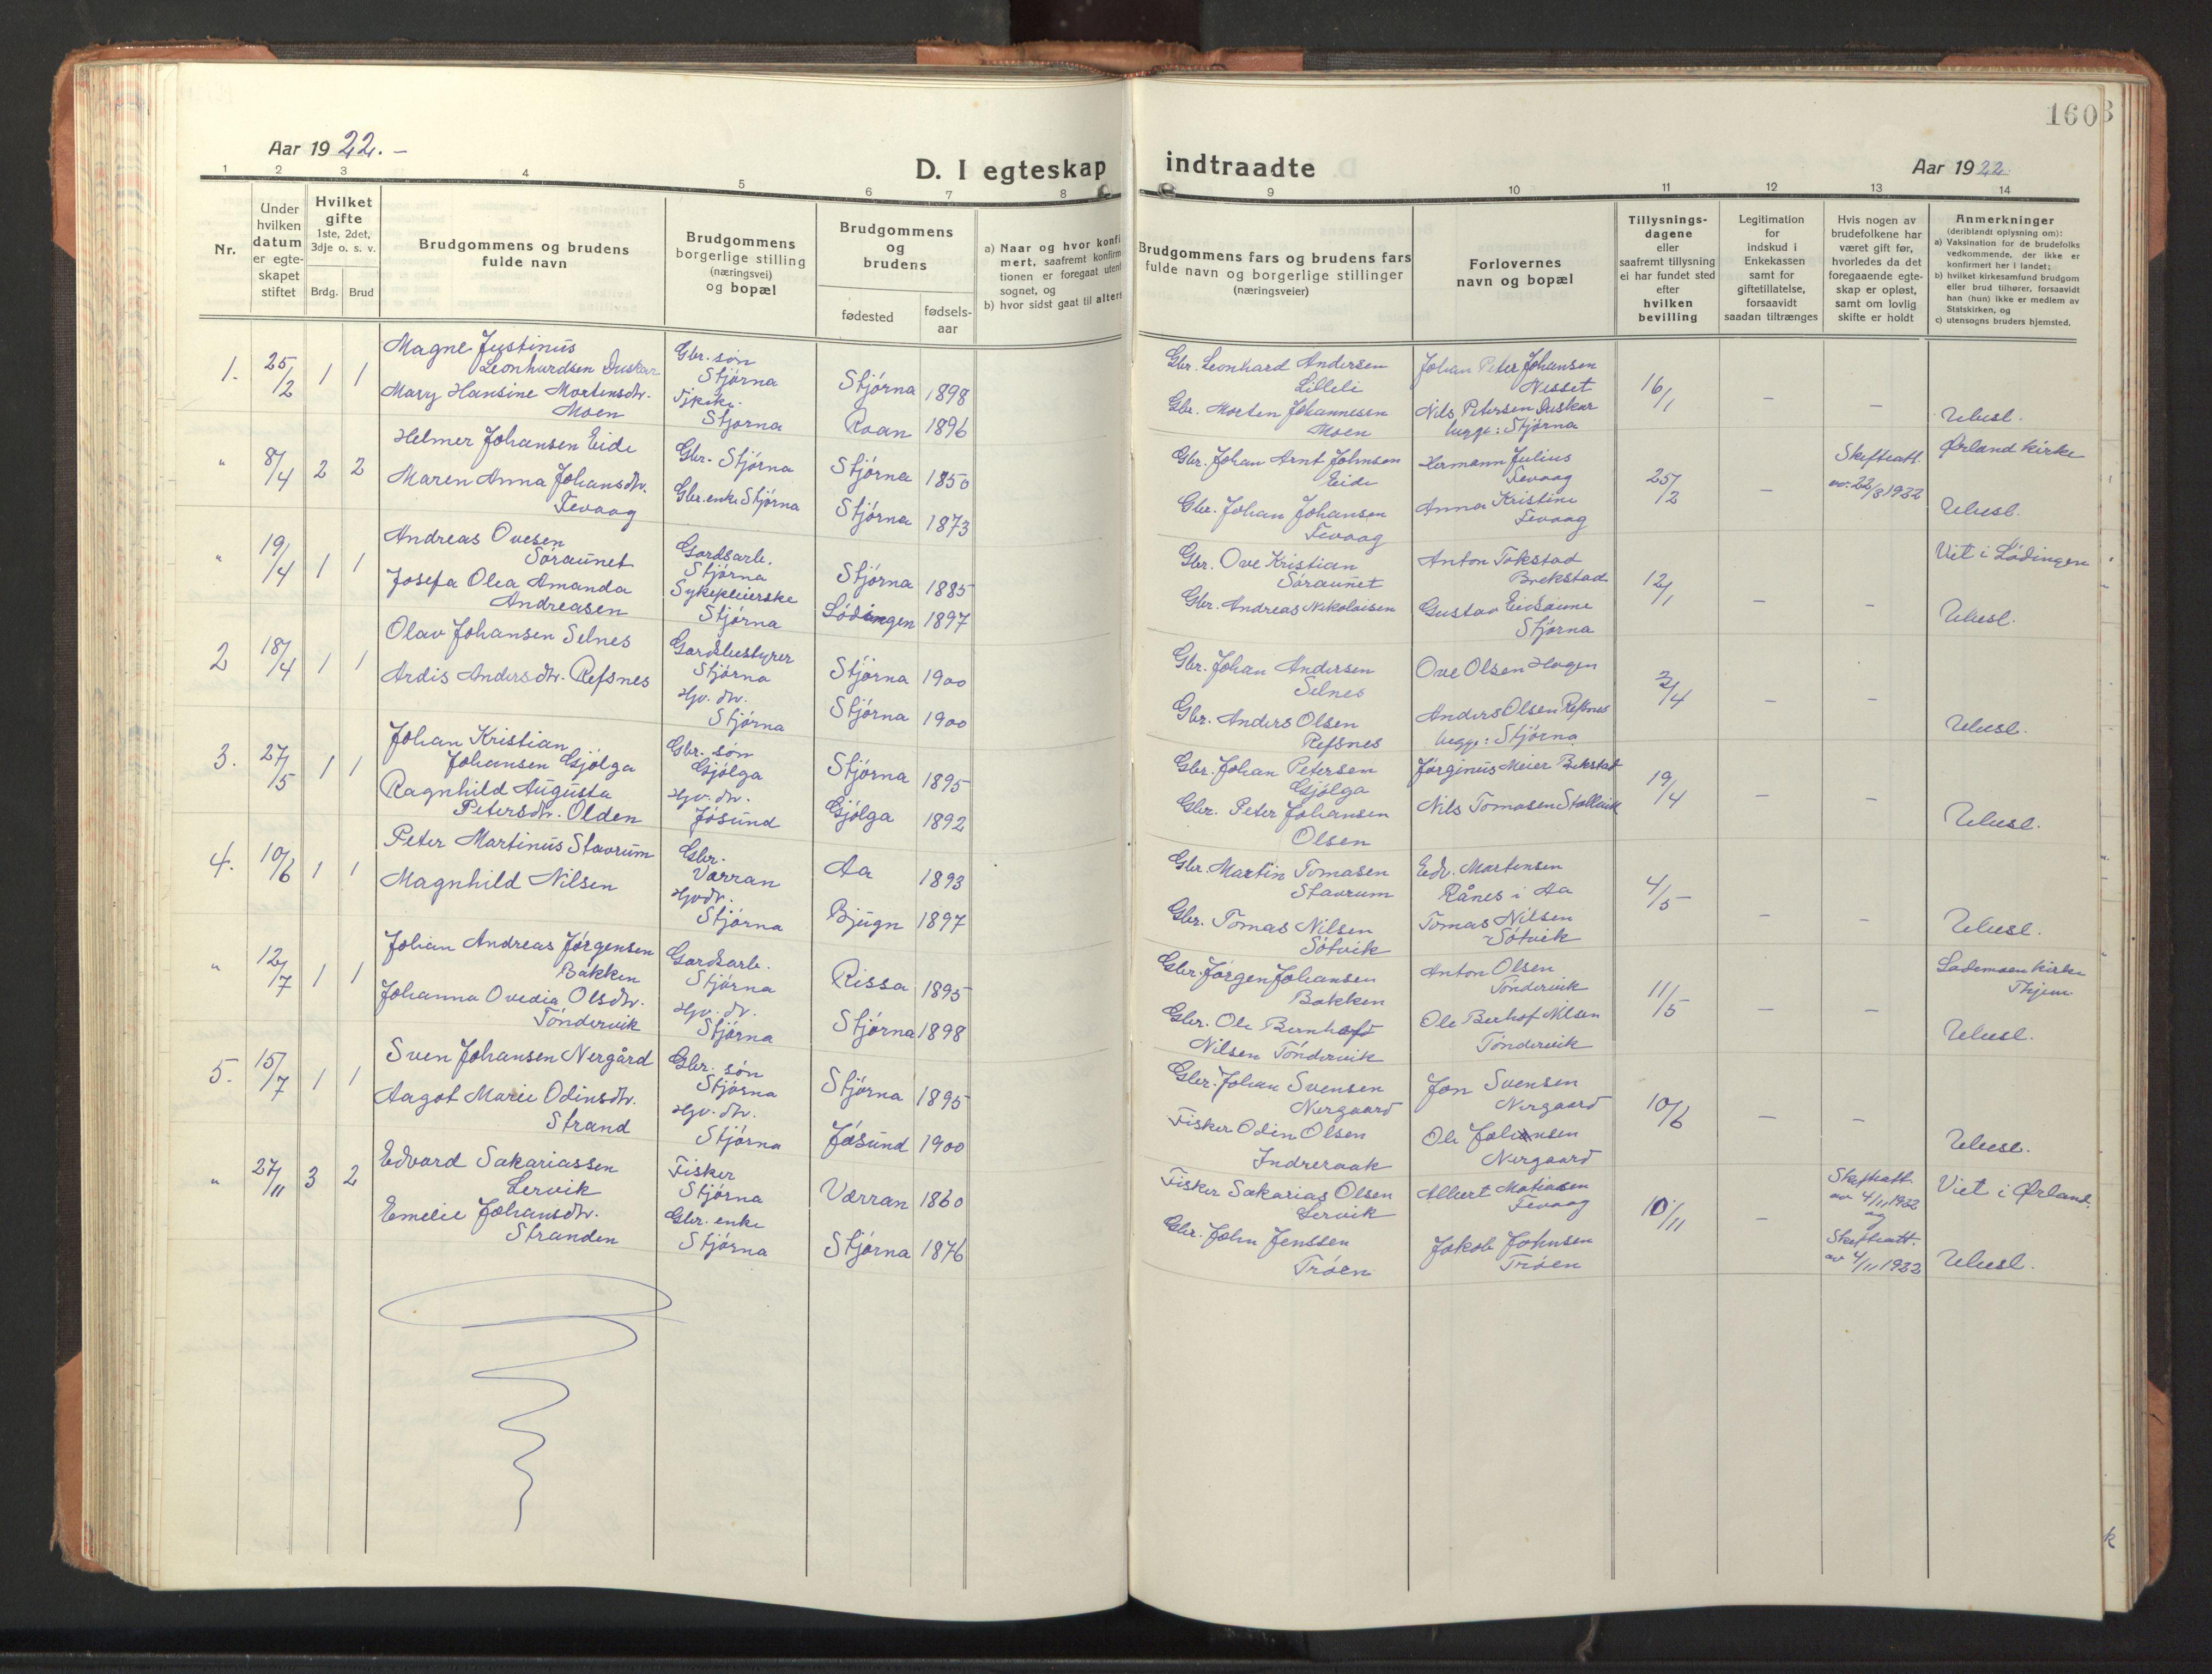 SAT, Ministerialprotokoller, klokkerbøker og fødselsregistre - Sør-Trøndelag, 653/L0658: Klokkerbok nr. 653C02, 1919-1947, s. 160